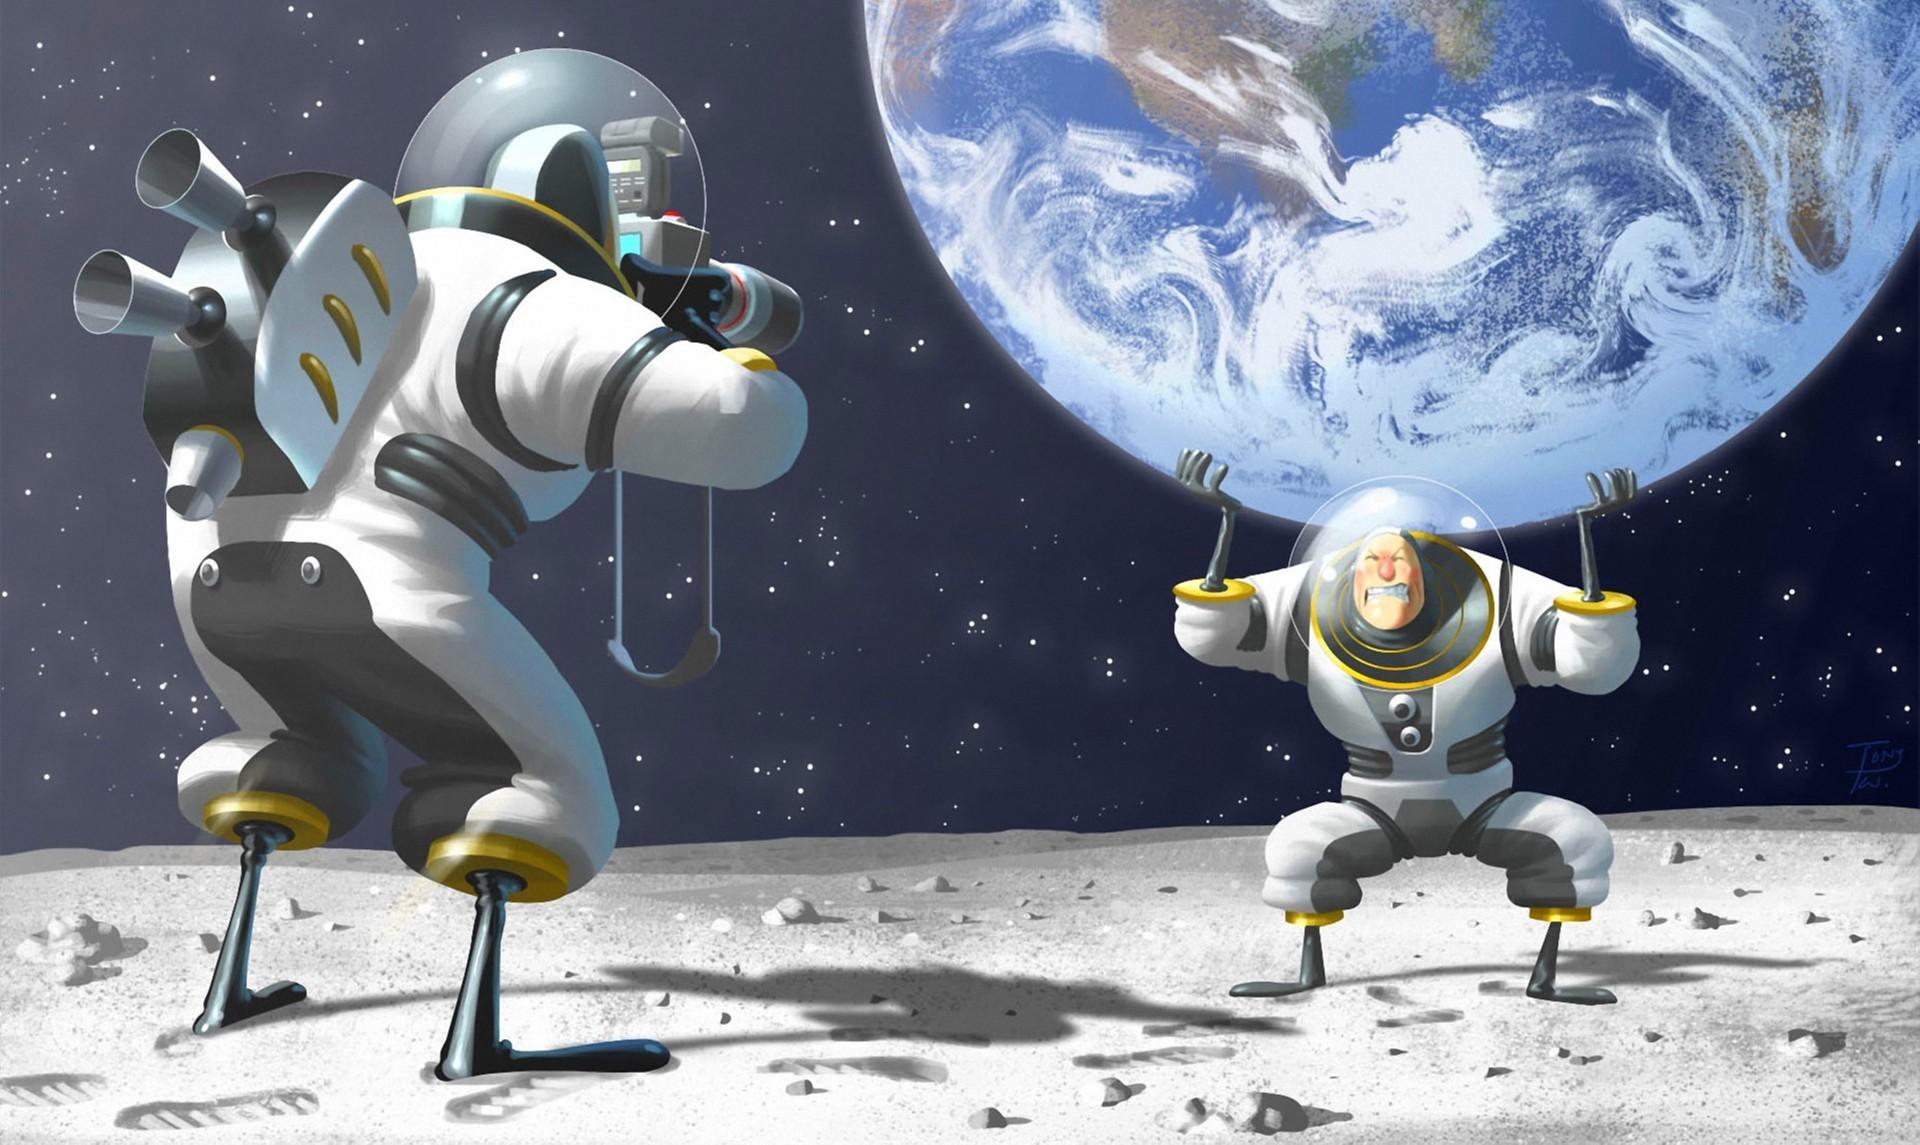 смешные картинки про полеты в космос прохождения бухты